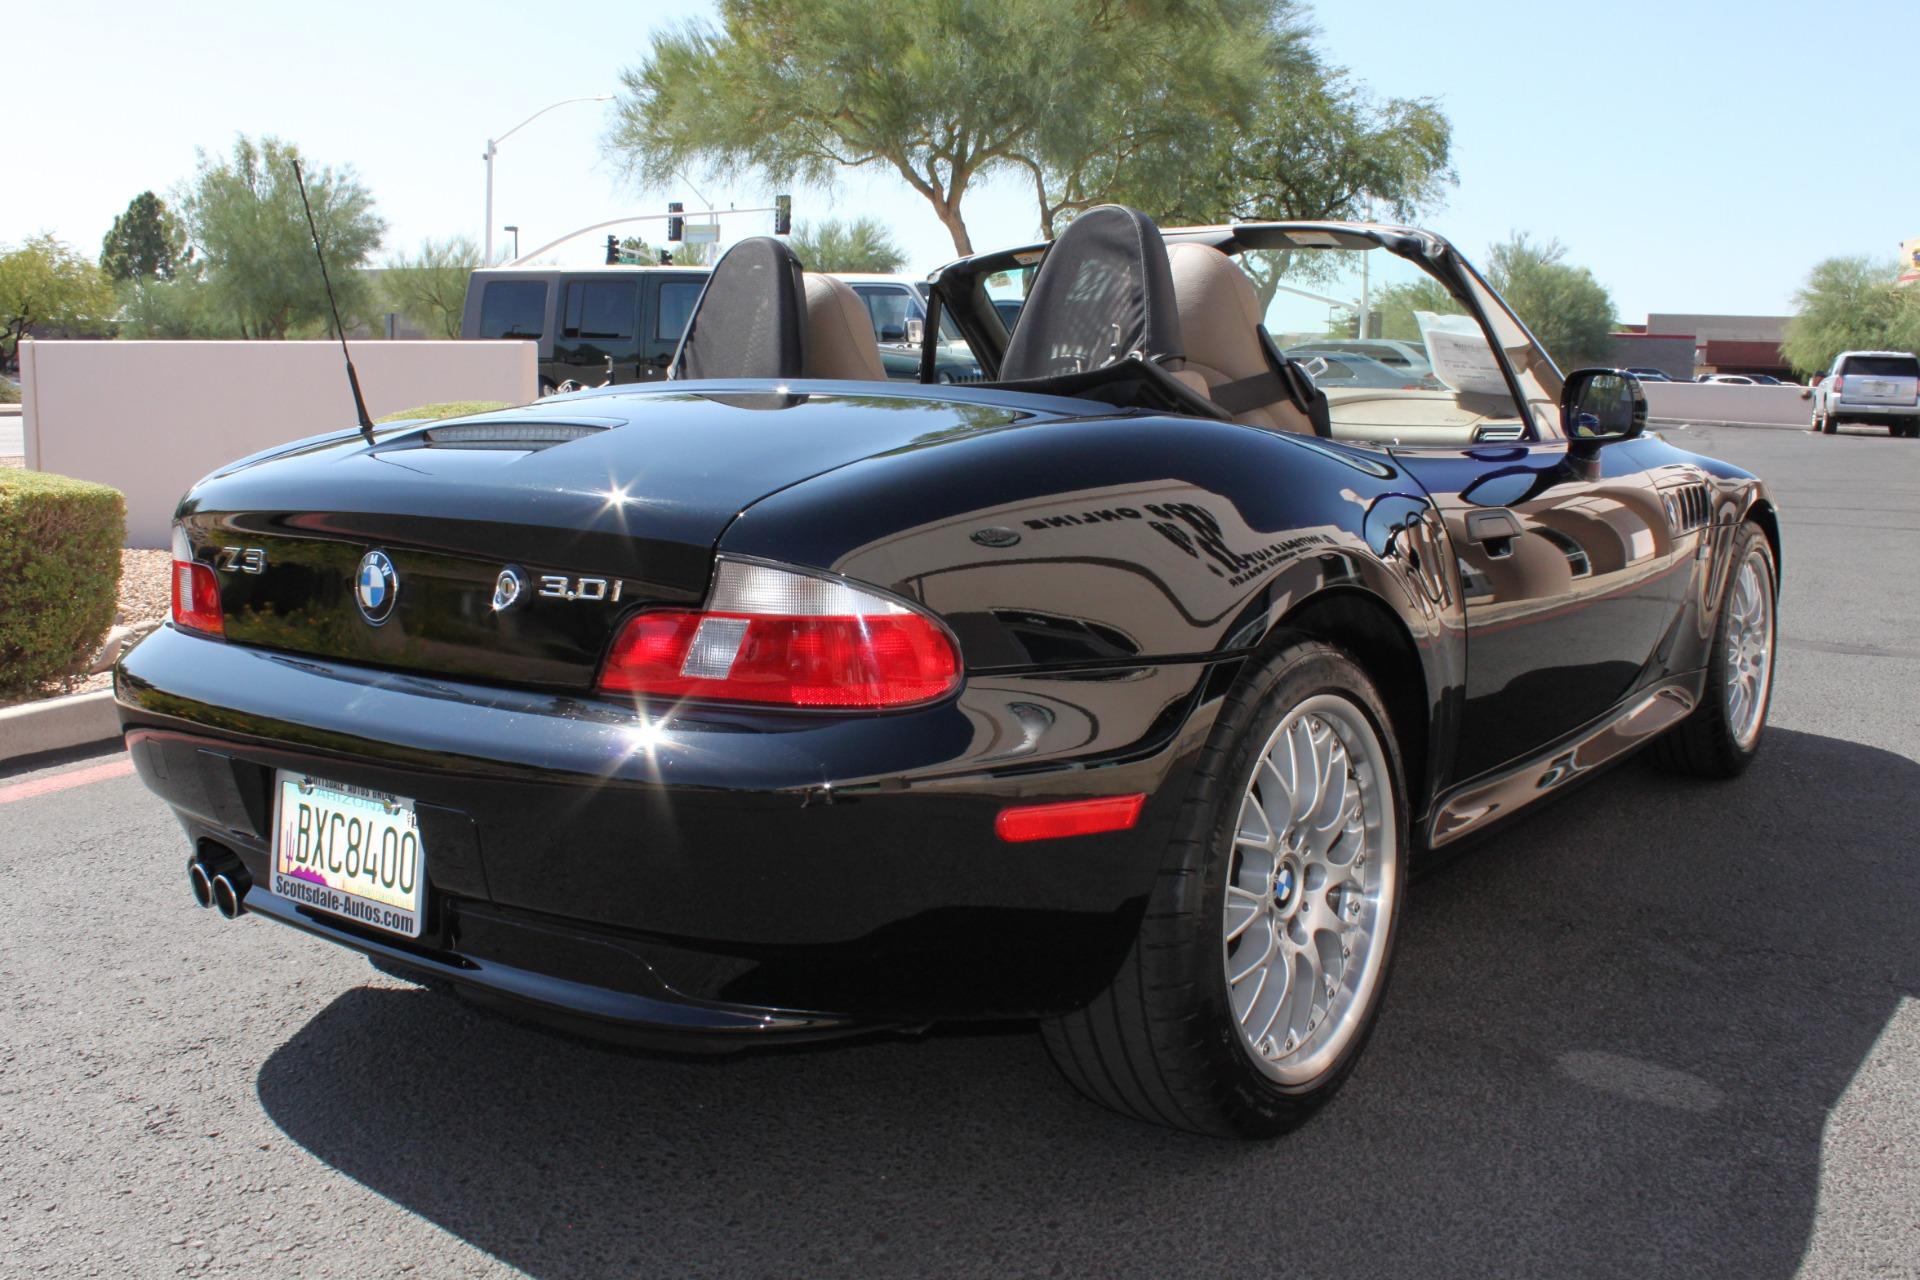 Used-2001-BMW-Z3-Roadster-30i-New-Ferrari-Lake-County